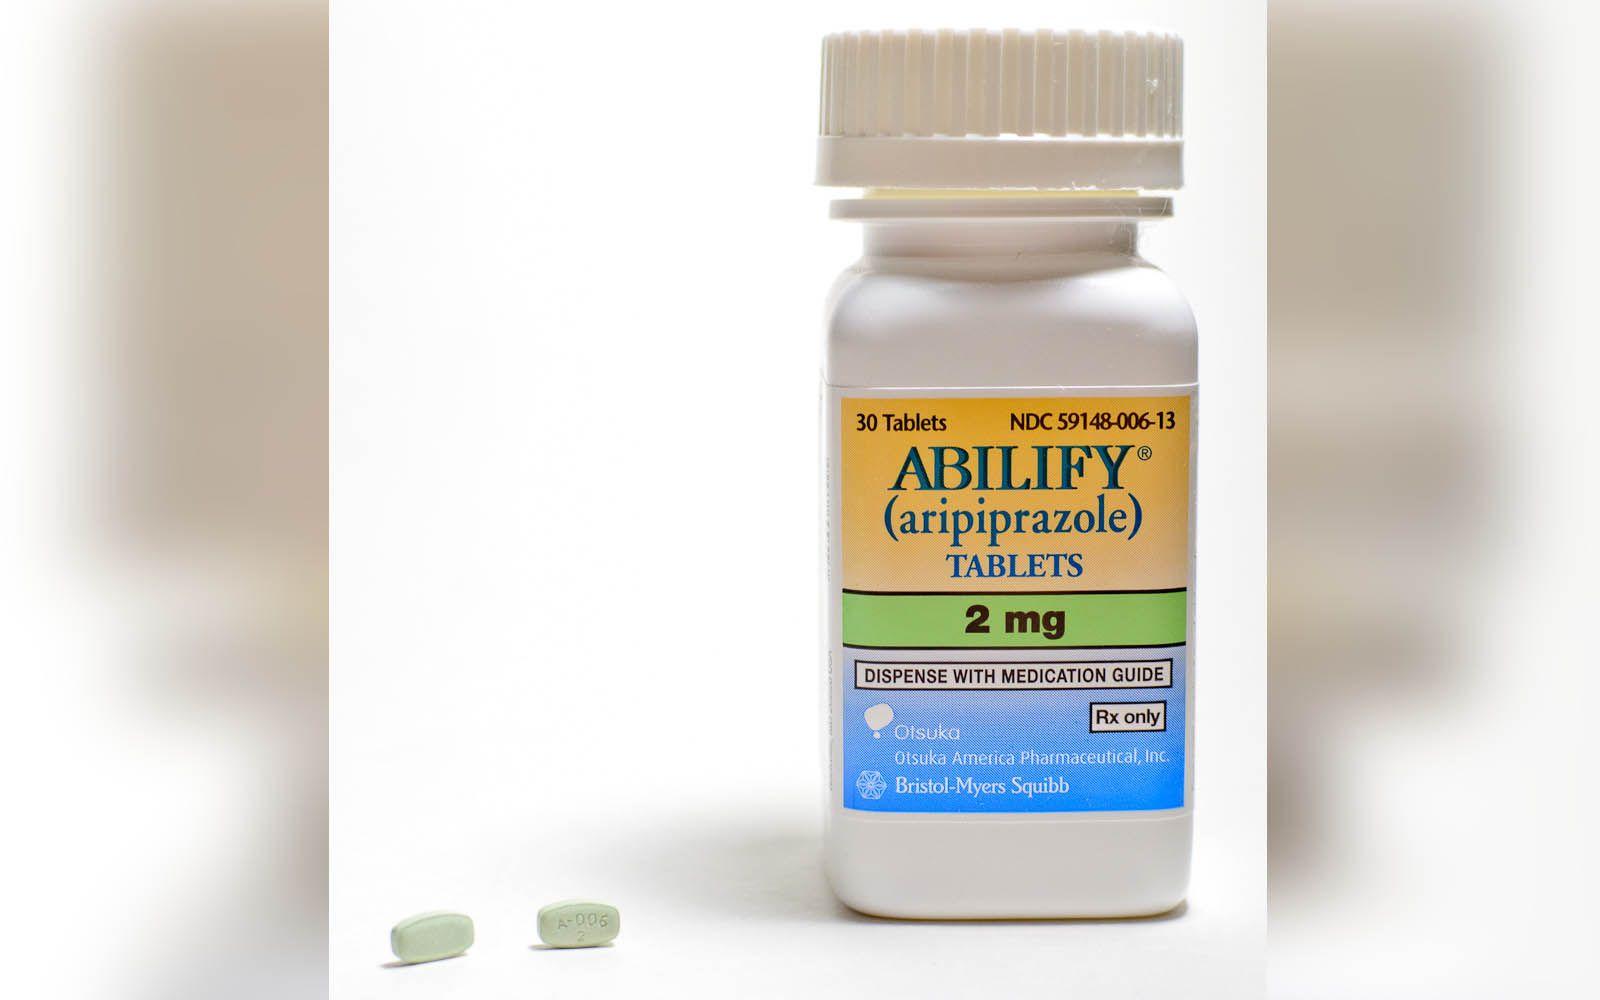 09_09_Abilify